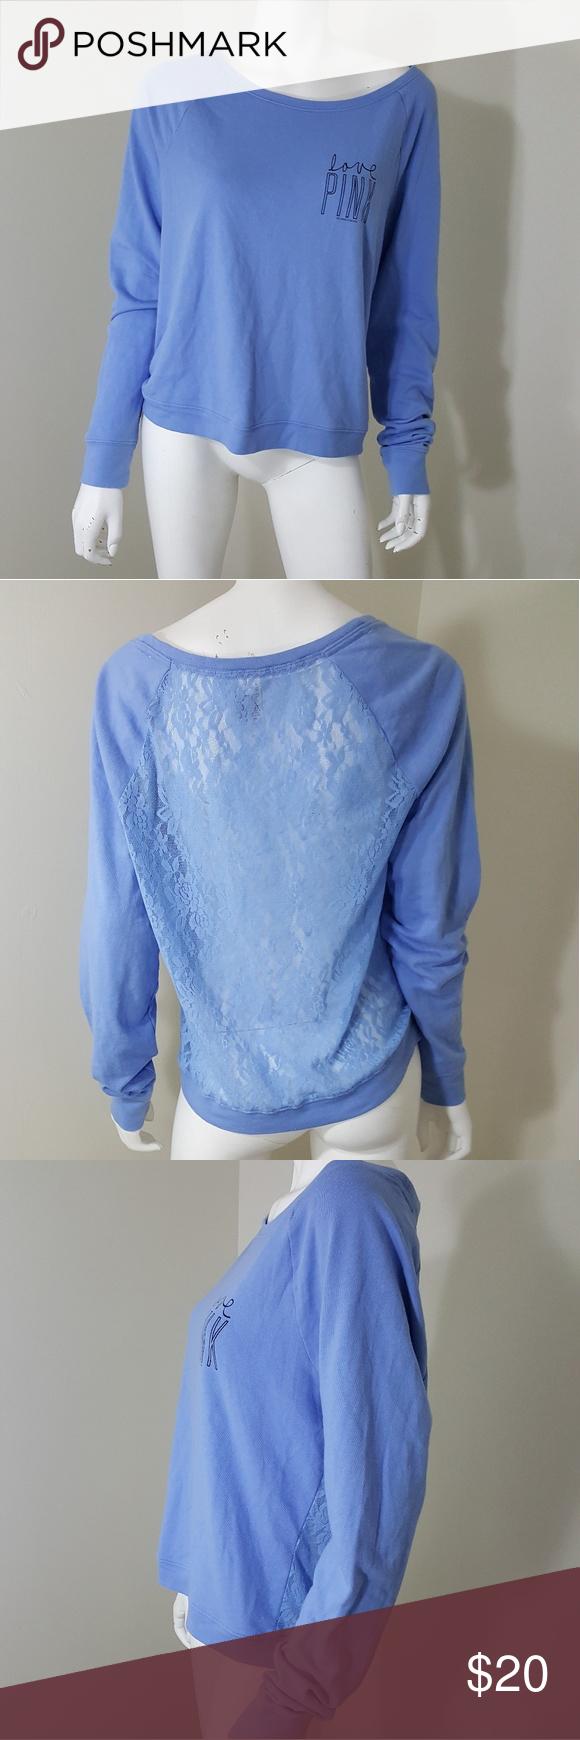 Victoria's Secret Pink Light Blue Lace Sweater M